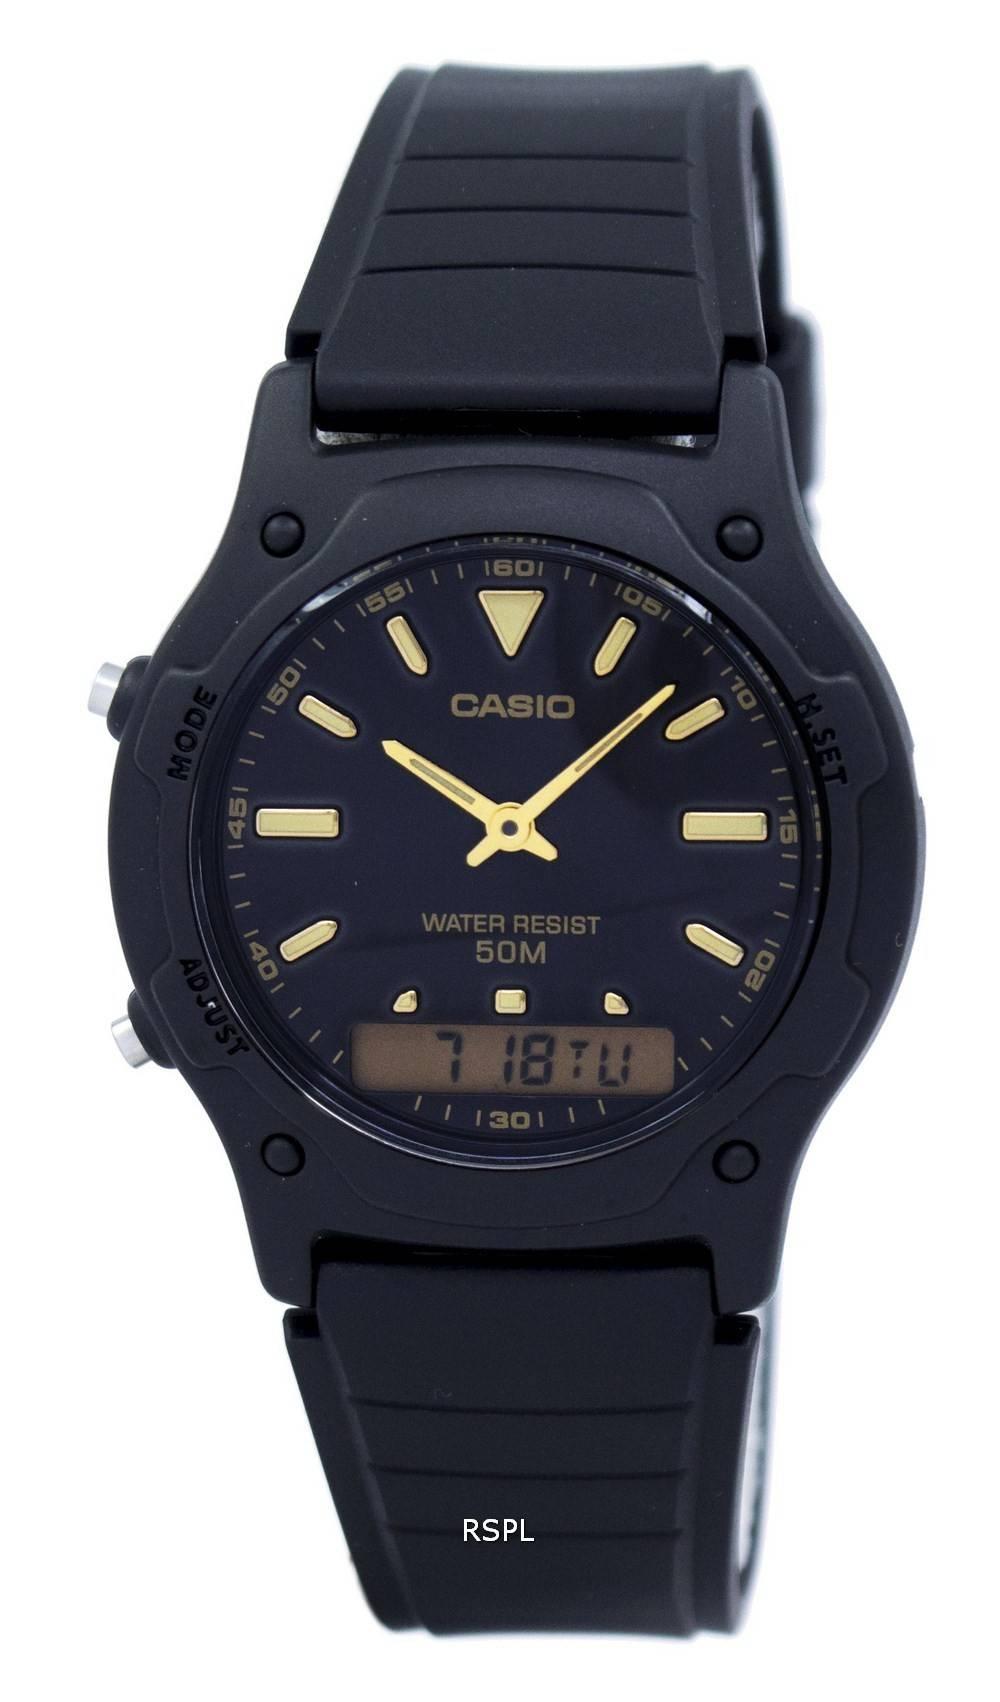 Casio analoginen digitaalikvartsi kaksinkertainen aika AW-49HE-1AVDF AW49HE-1AVDF miesten kello